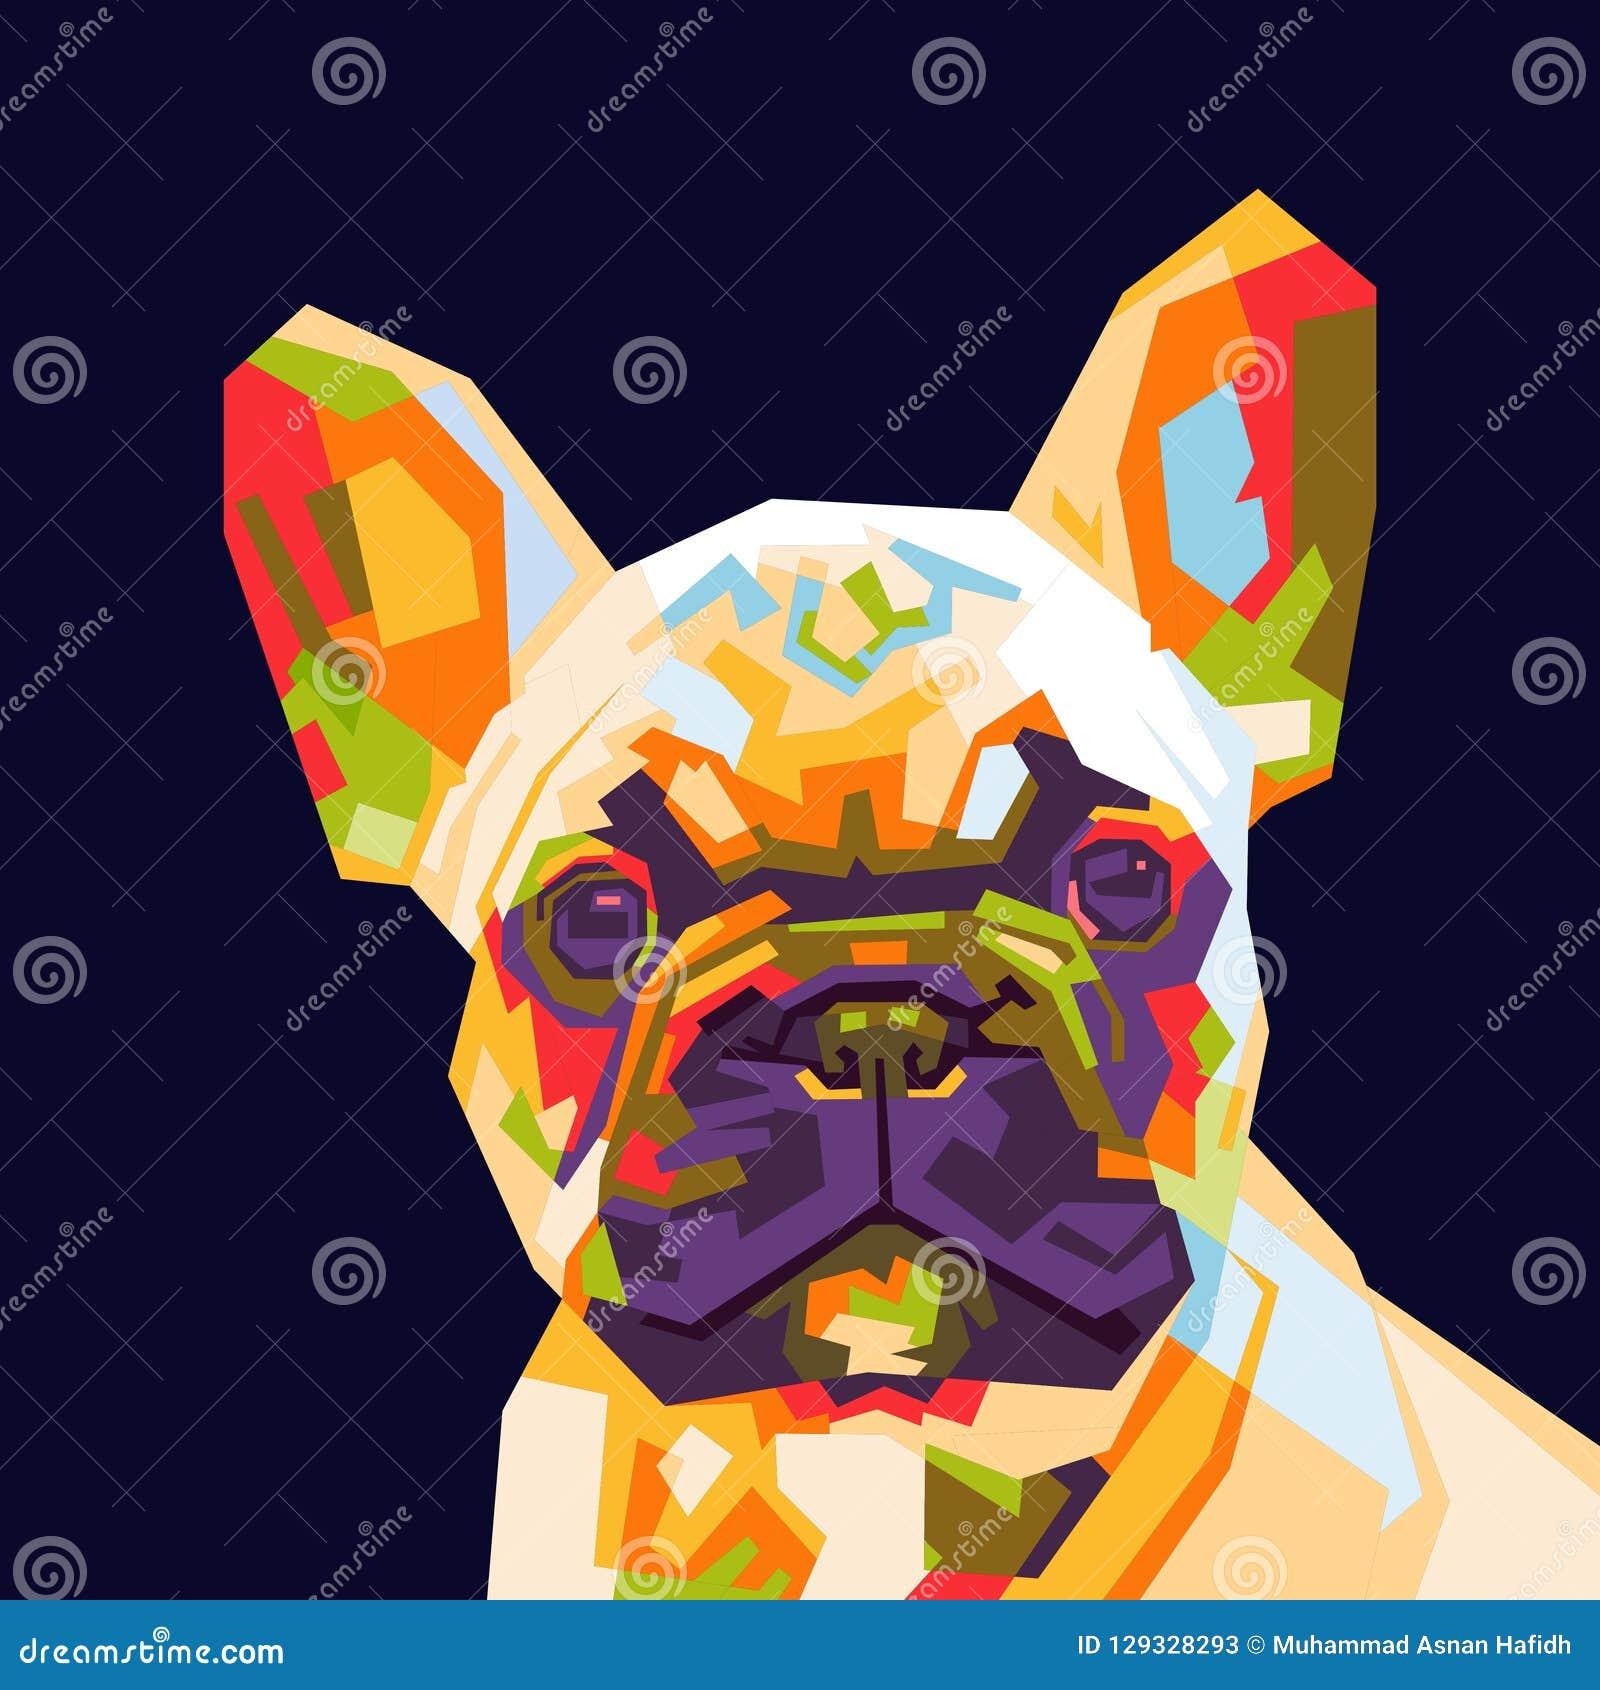 16ea08c3070 French Bulldog Stock Illustrations – 5